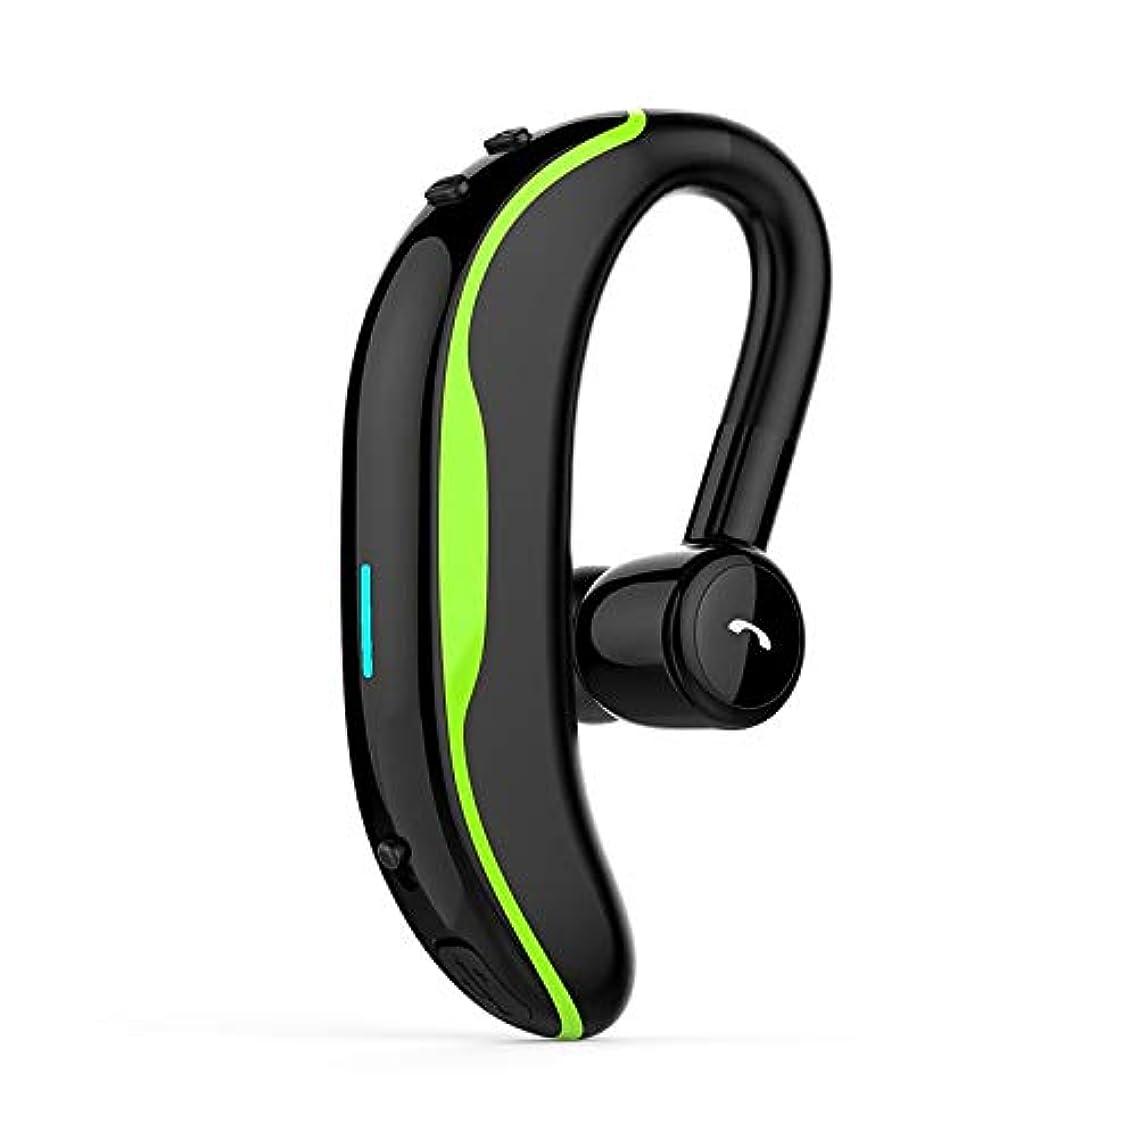 F600 Headphone Wireless Handsfree HD Mic Business Earphones Portable Ear-Hook Long Standby Sports Headsets